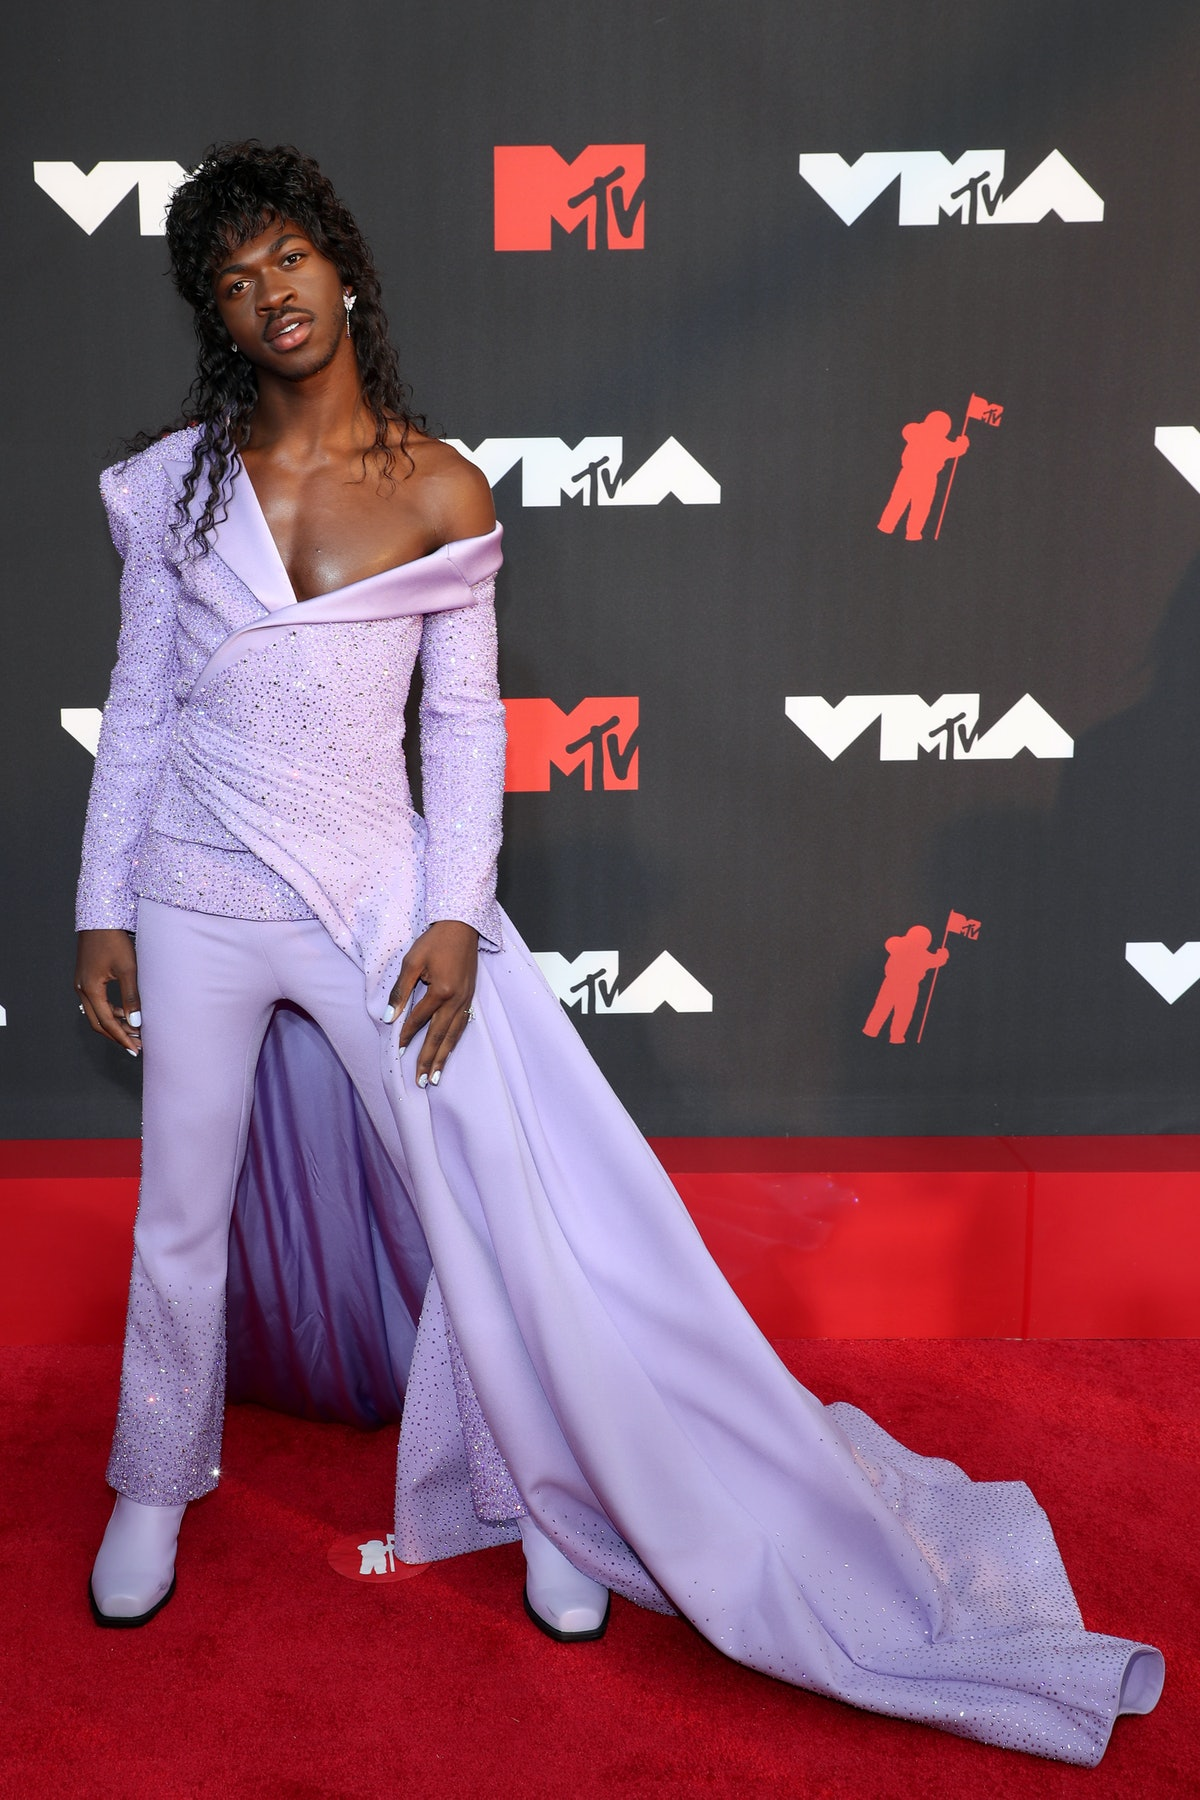 best vmas fashion lil nas x